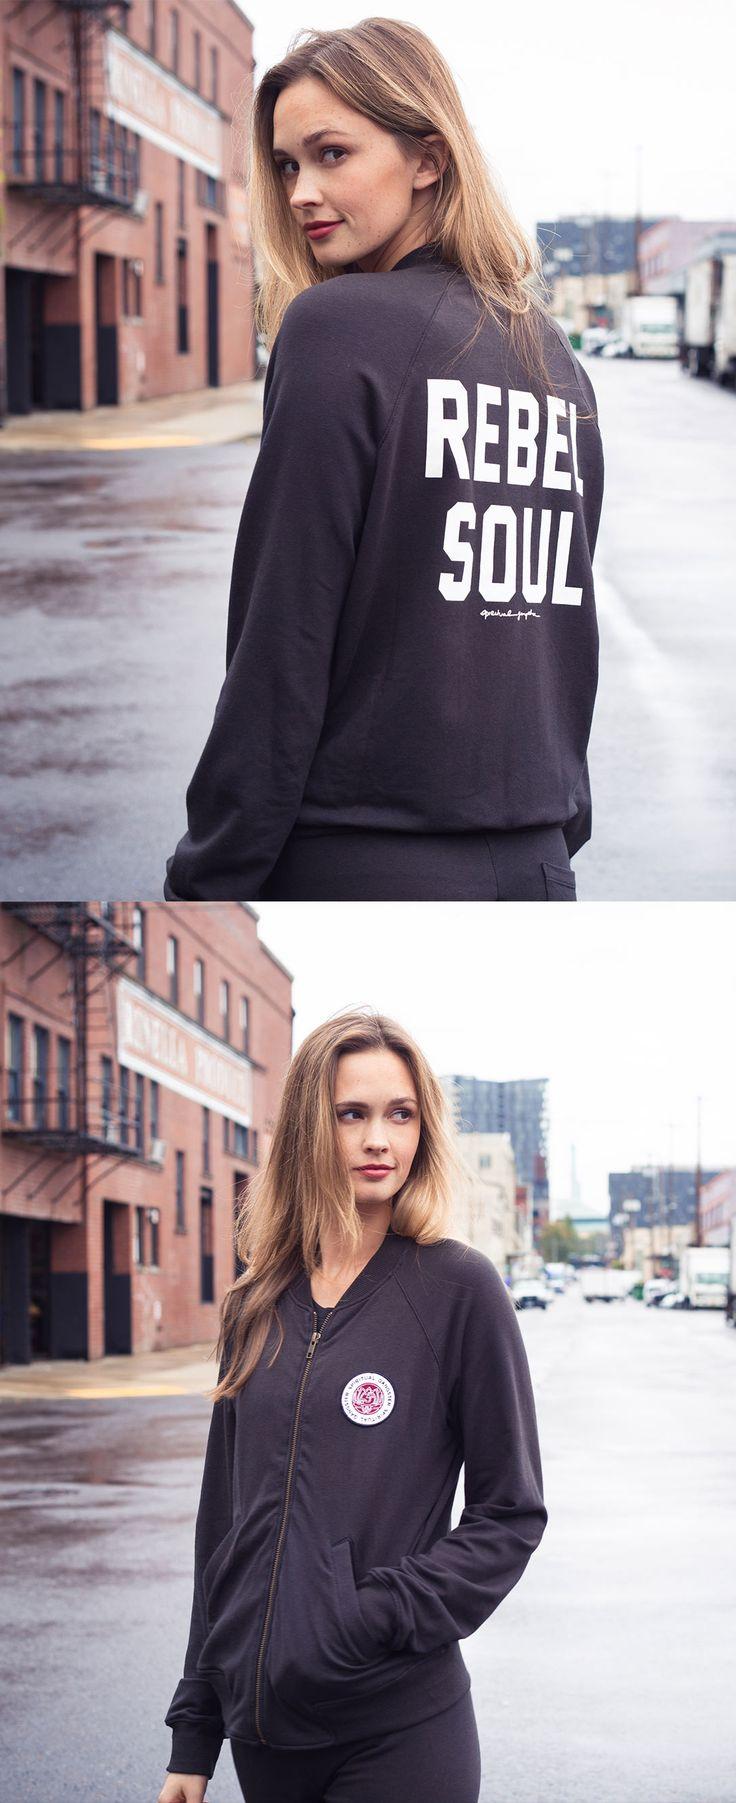 Let your rebel side show, babe. Shop the look at evolvefitwear.com